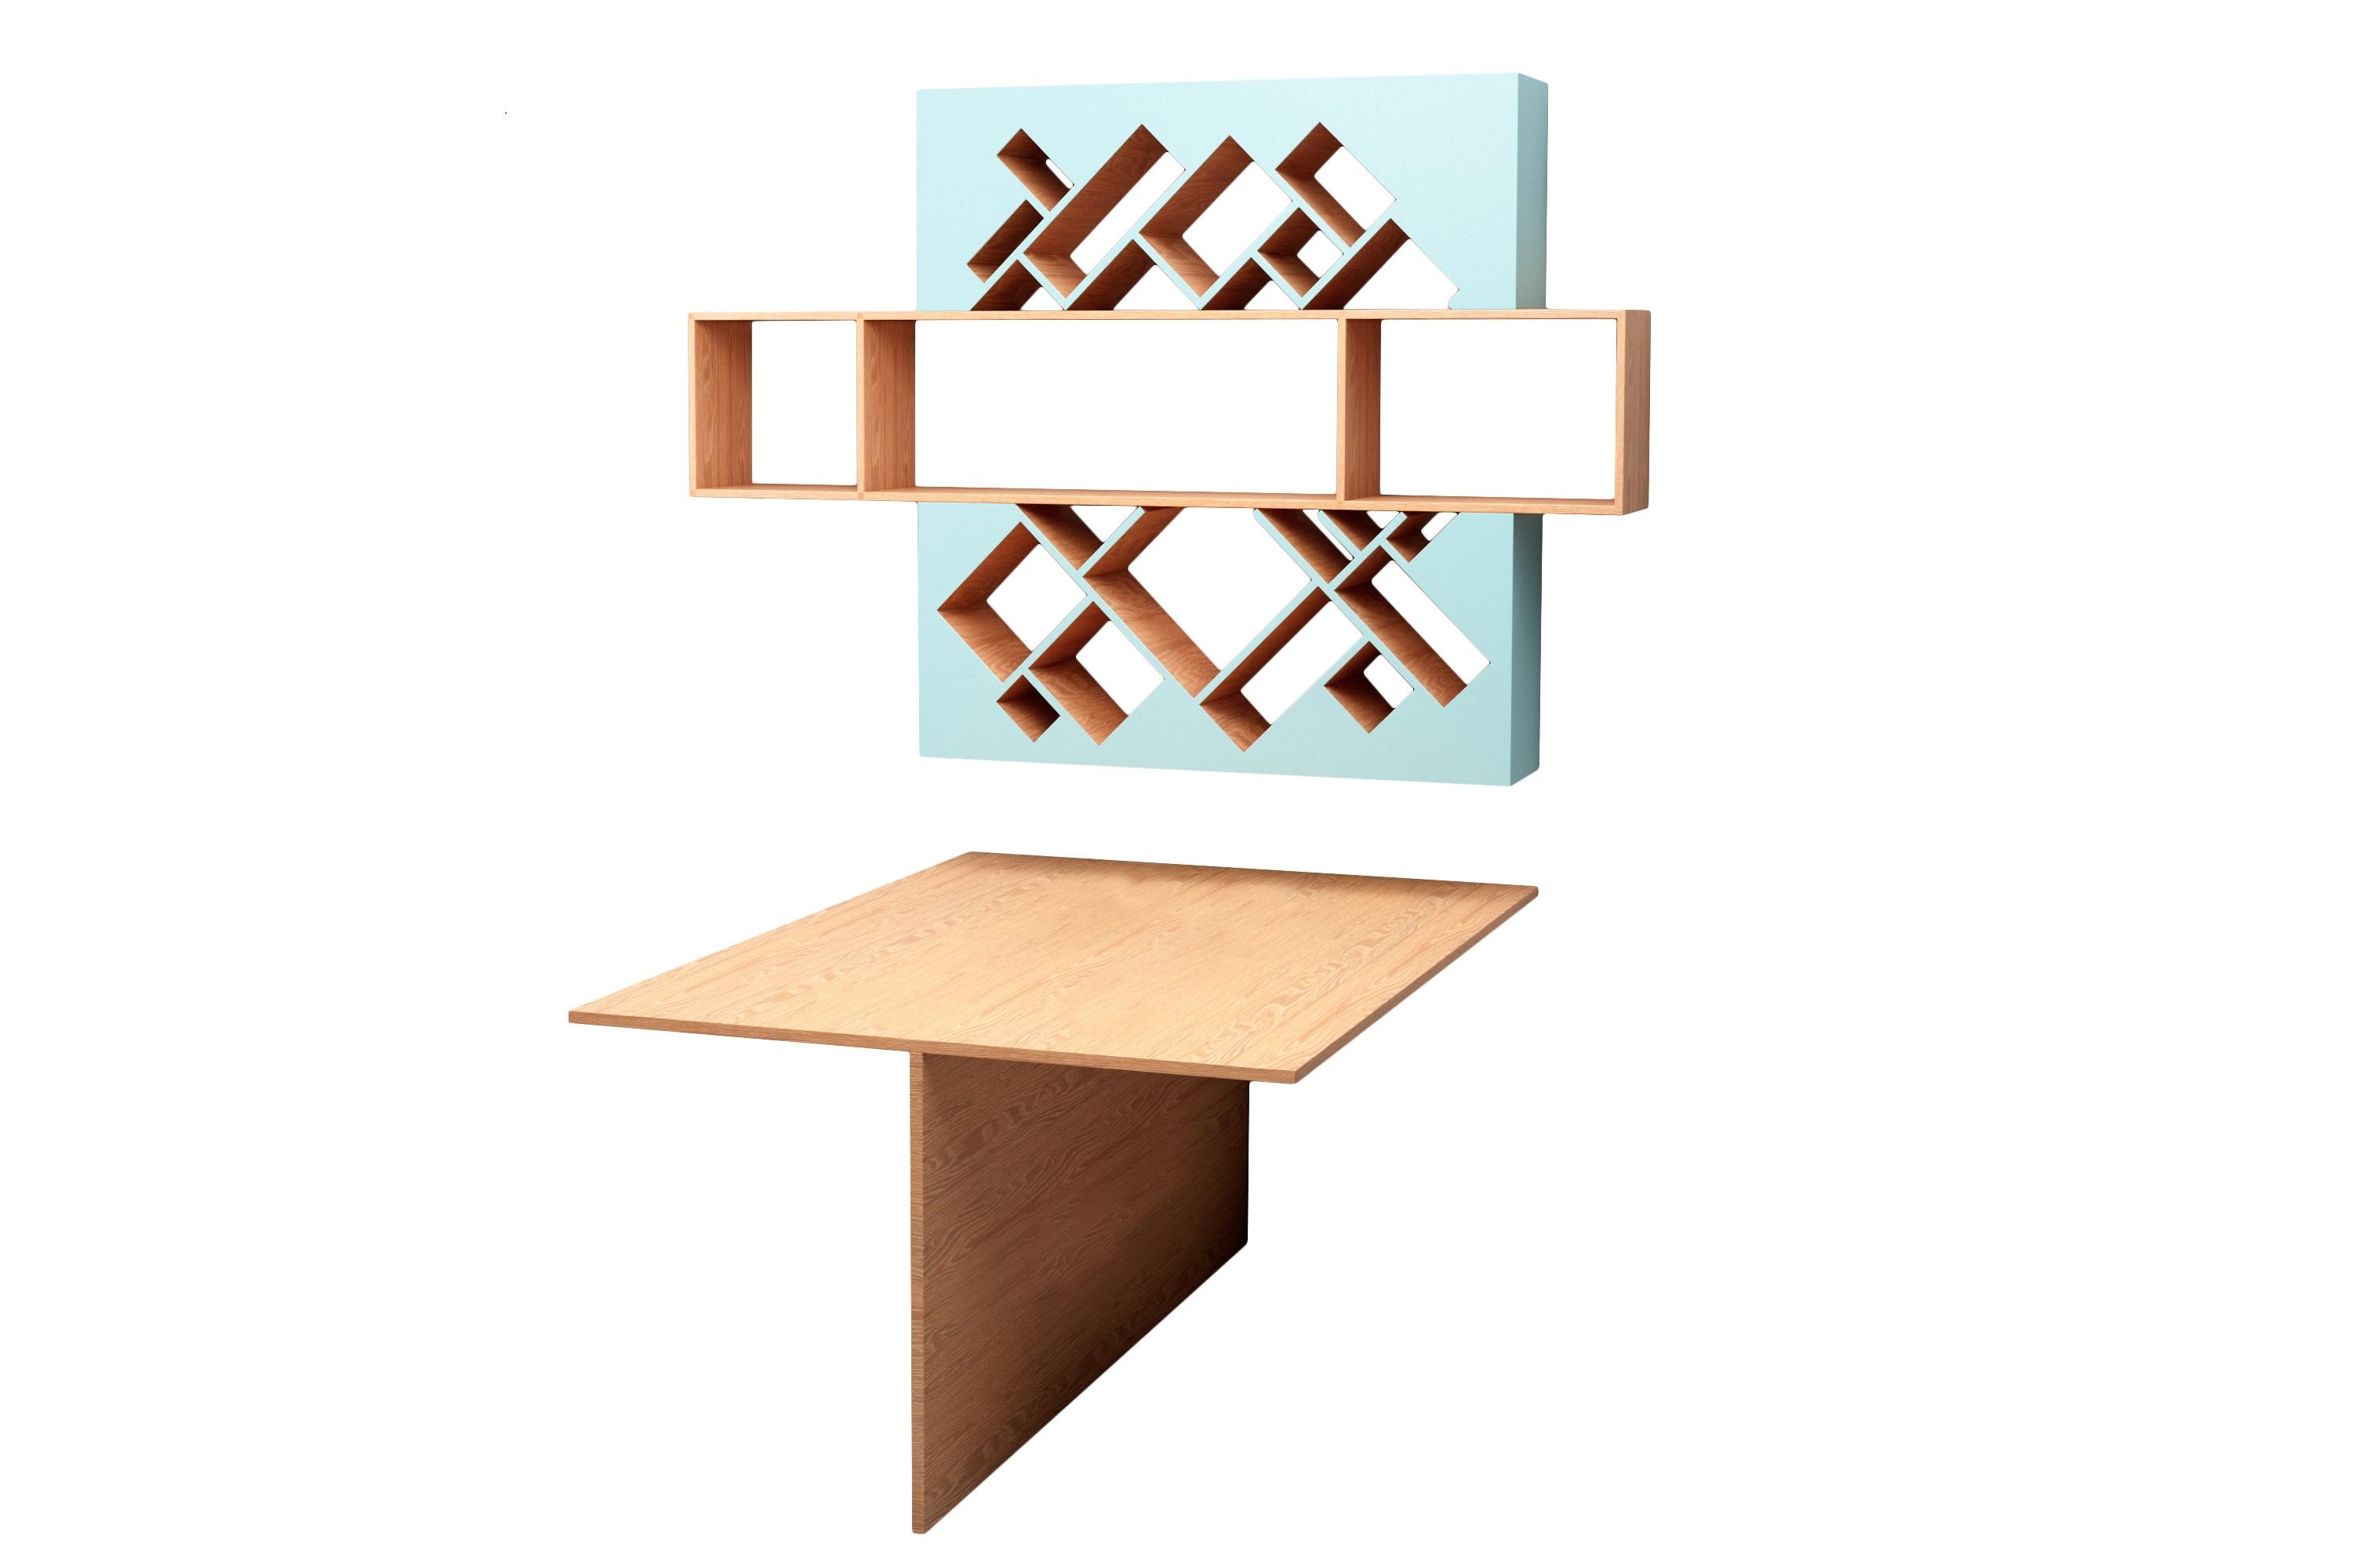 Рабочее место ГеометрияПисьменные столы<br>Необычная полка оживит ваше рабочее место! Стол на две персоны&amp;amp;nbsp;&amp;lt;div&amp;gt;&amp;lt;br&amp;gt;&amp;lt;/div&amp;gt;&amp;lt;div&amp;gt;Размеры: стол - 115x162x75см;&amp;amp;nbsp;&amp;lt;/div&amp;gt;&amp;lt;div&amp;gt;Полка - 183x127x25см&amp;amp;nbsp;&amp;lt;/div&amp;gt;&amp;lt;div&amp;gt;Материал: МДФ, шпон&amp;amp;nbsp;&amp;lt;/div&amp;gt;<br><br>Material: МДФ<br>Width см: 183<br>Depth см: 24<br>Height см: 127